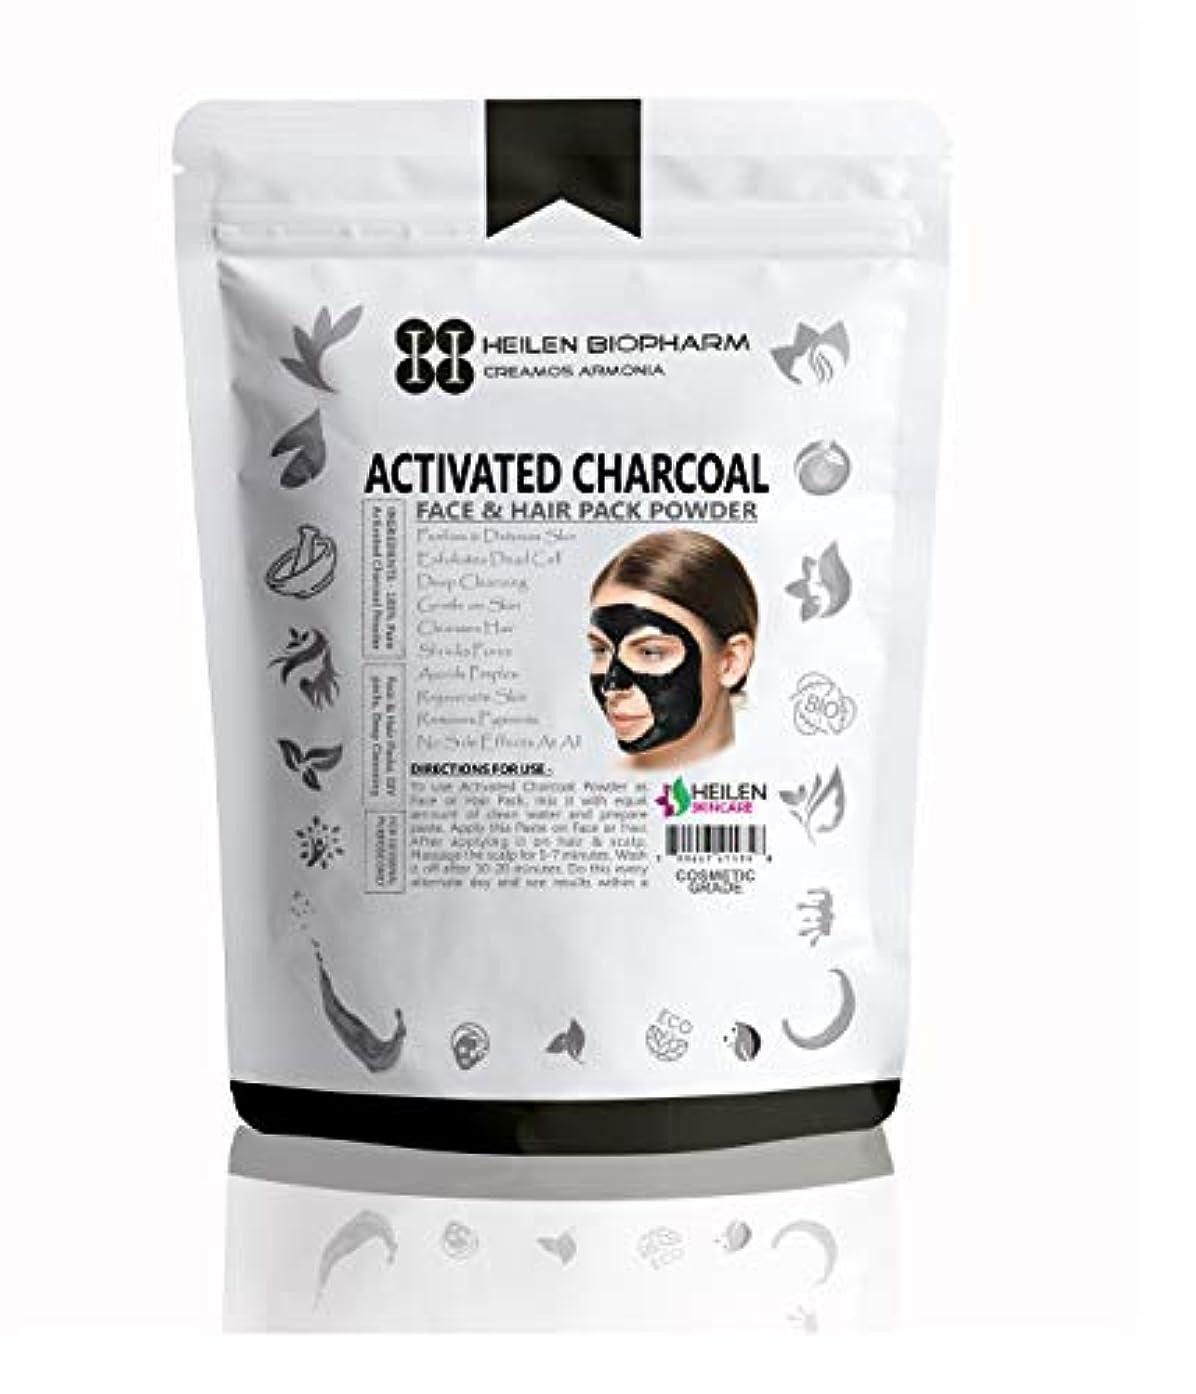 噛む留まる反対に活性化チャコールパウダー(フェイスパック用)(Activated Charcoal Powder for Face Pack) (200 gm / 7 oz / 0.44 lb)